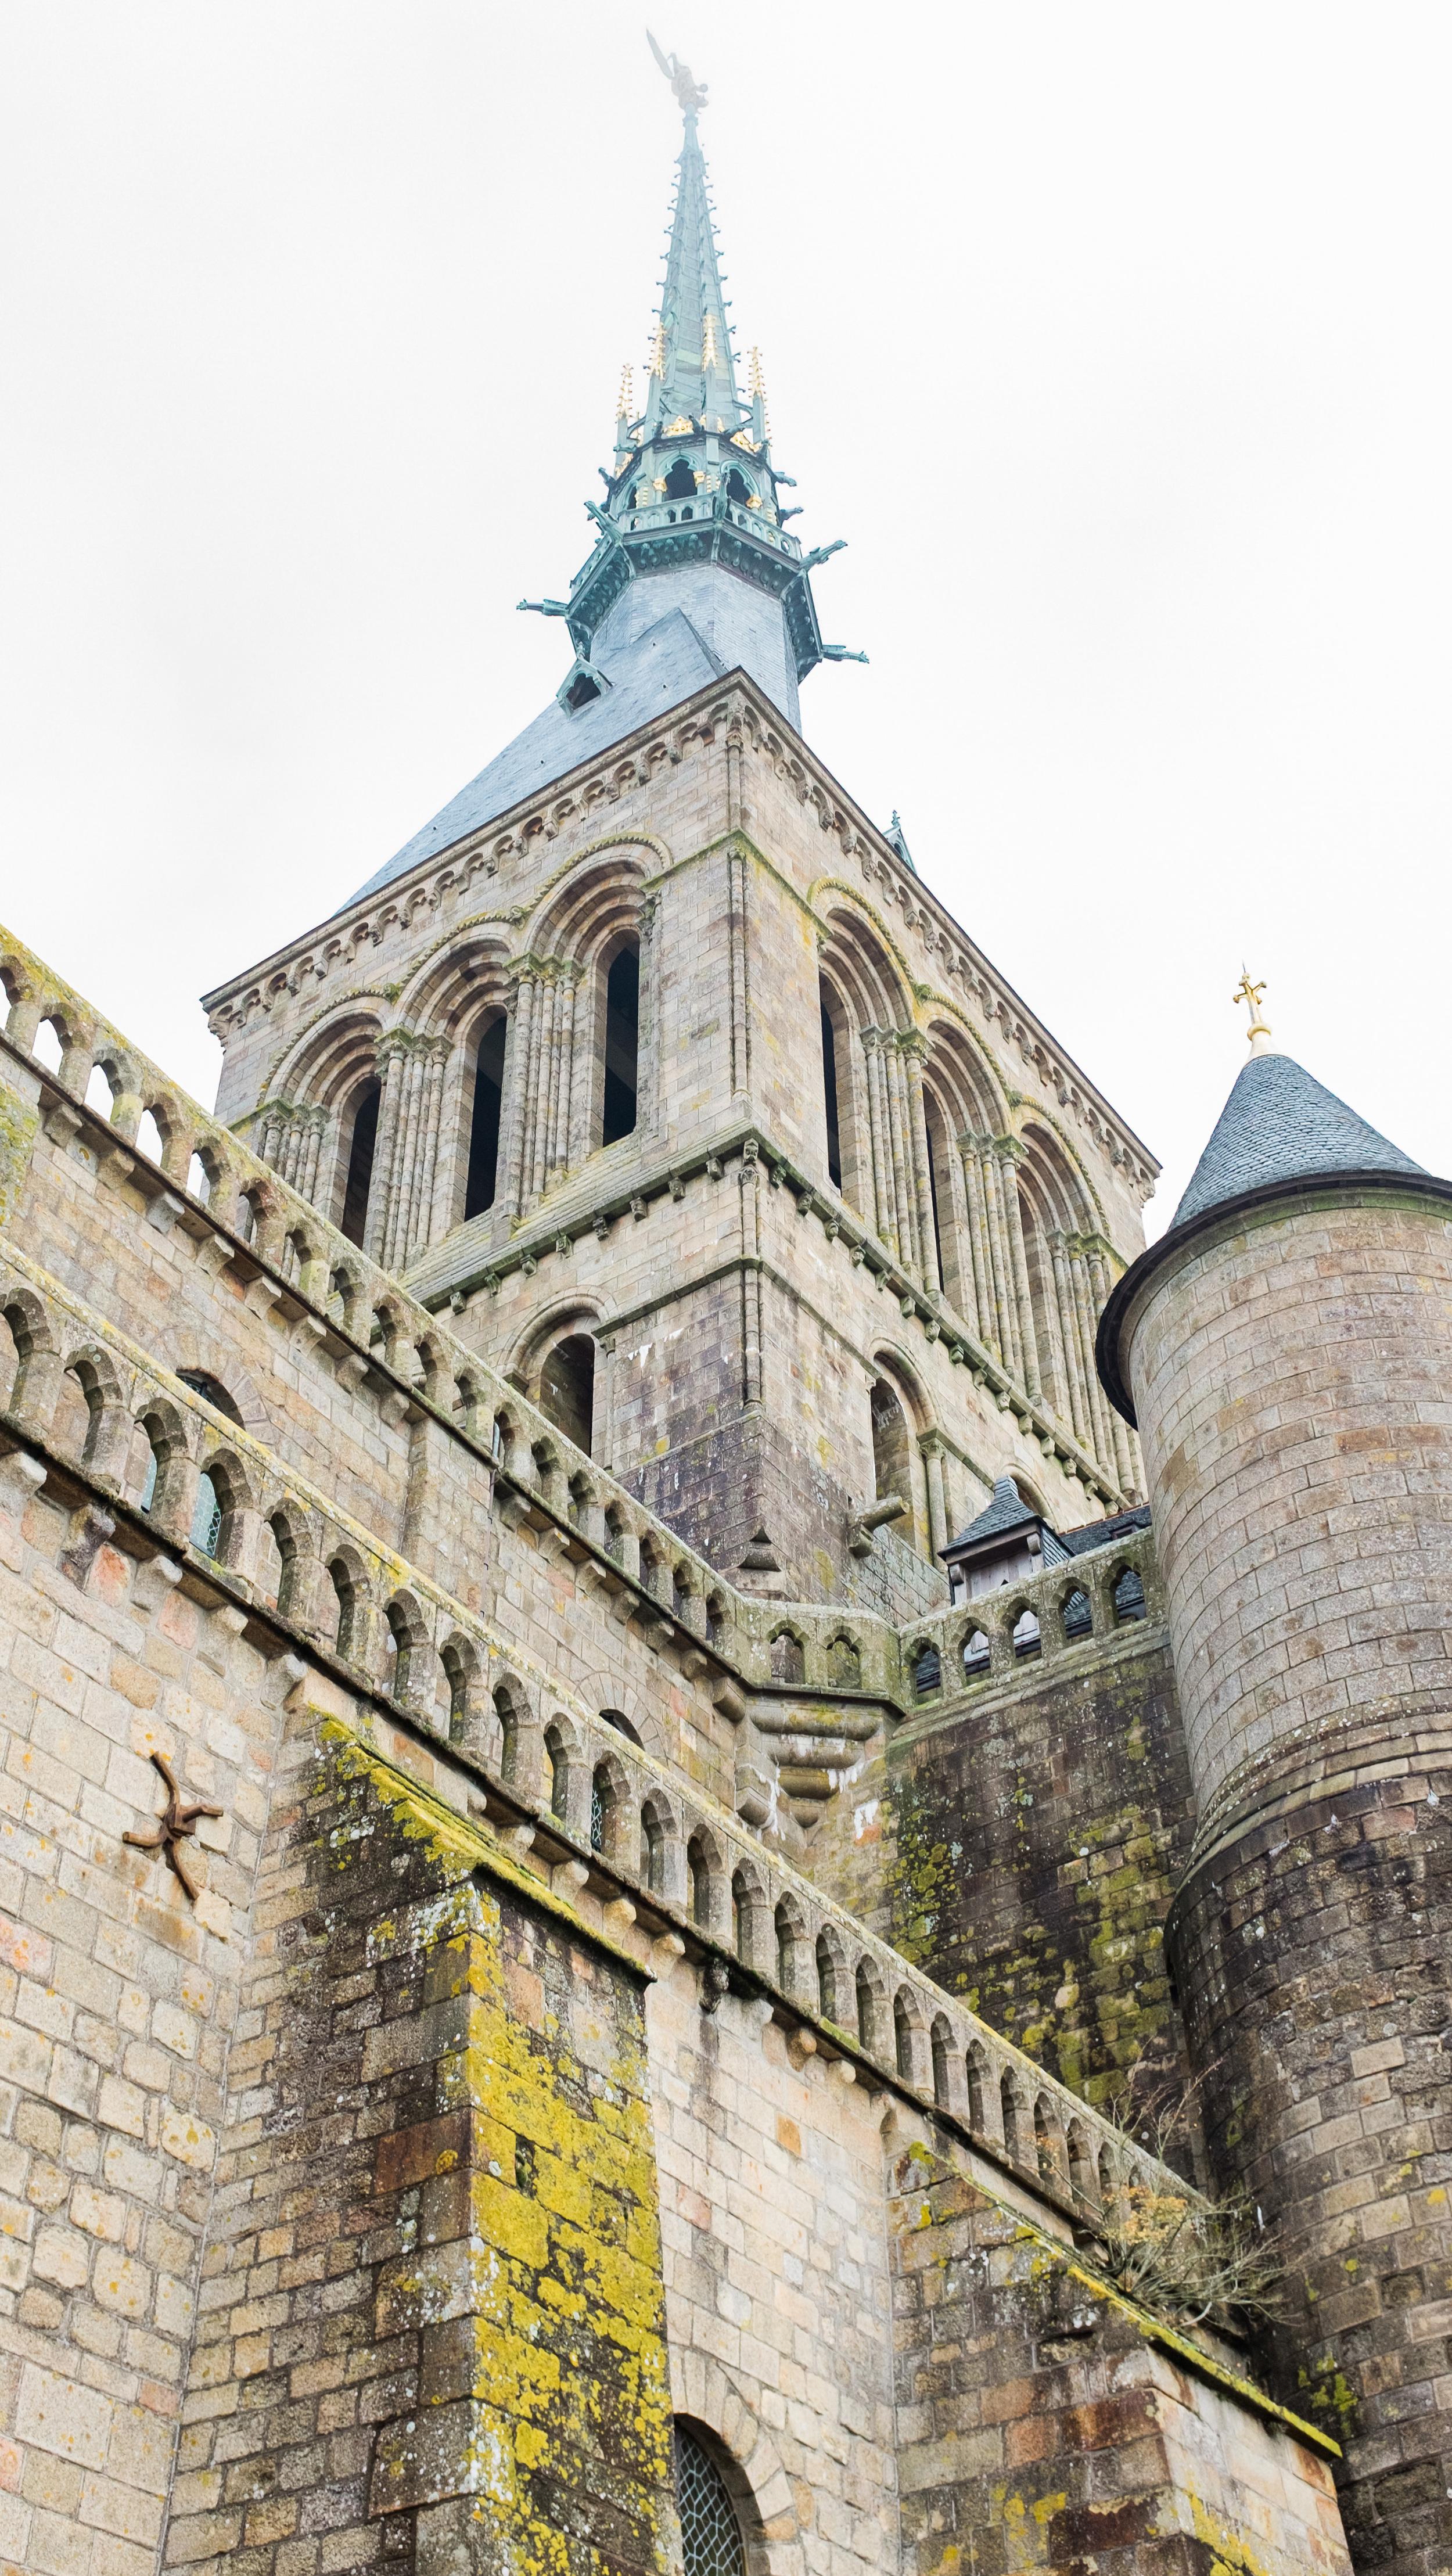 london-britian-cambridge-stmalo-mont-saint-michel-france-normandy-paris-045.jpg